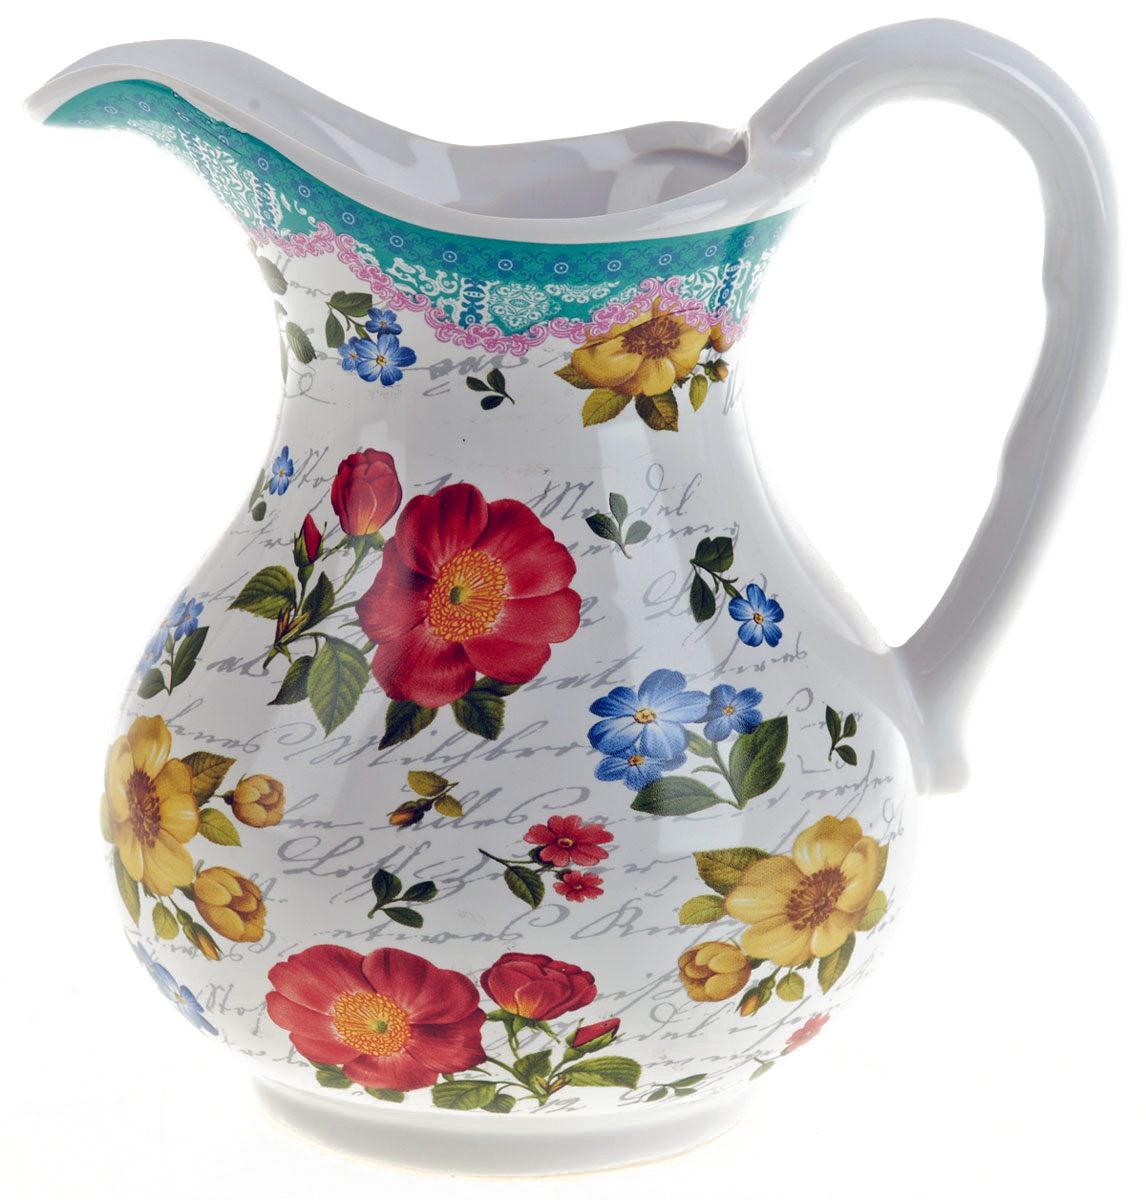 Кувшин ENS Group Цветочная поэма, 1 лVT-1520(SR)Кувшин Цветочная поэма изготовлен из высококачественной керамики с изящным рисунком. Кувшин оснащен удобной ручкой. Прекрасно подходит для подачи воды, сока, компота и других напитков. Изящный кувшин красиво оформит стол и порадует вас элегантным дизайном и простотой ухода.